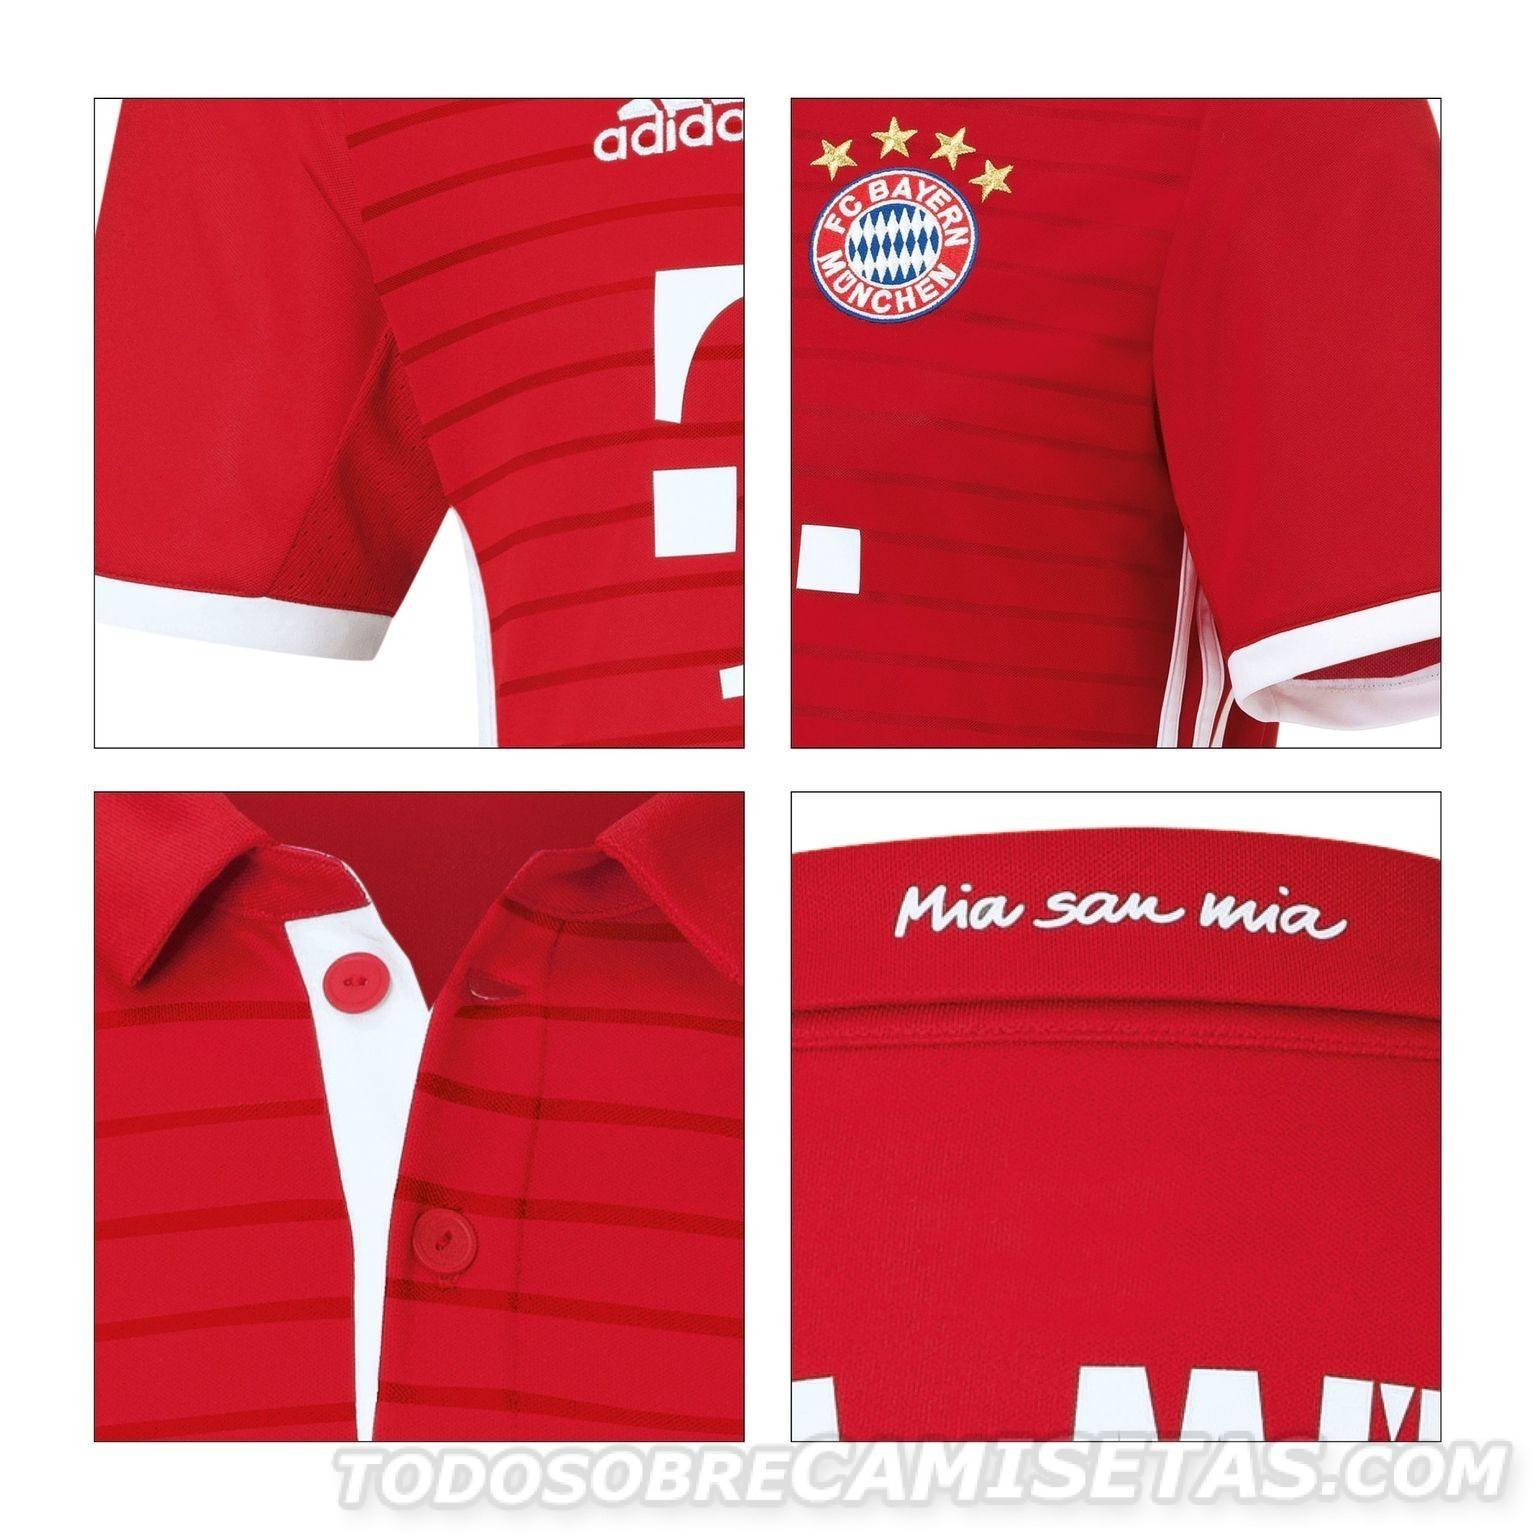 Bayern-Munich-2016-17-adidas-new-home-kit-7.jpg